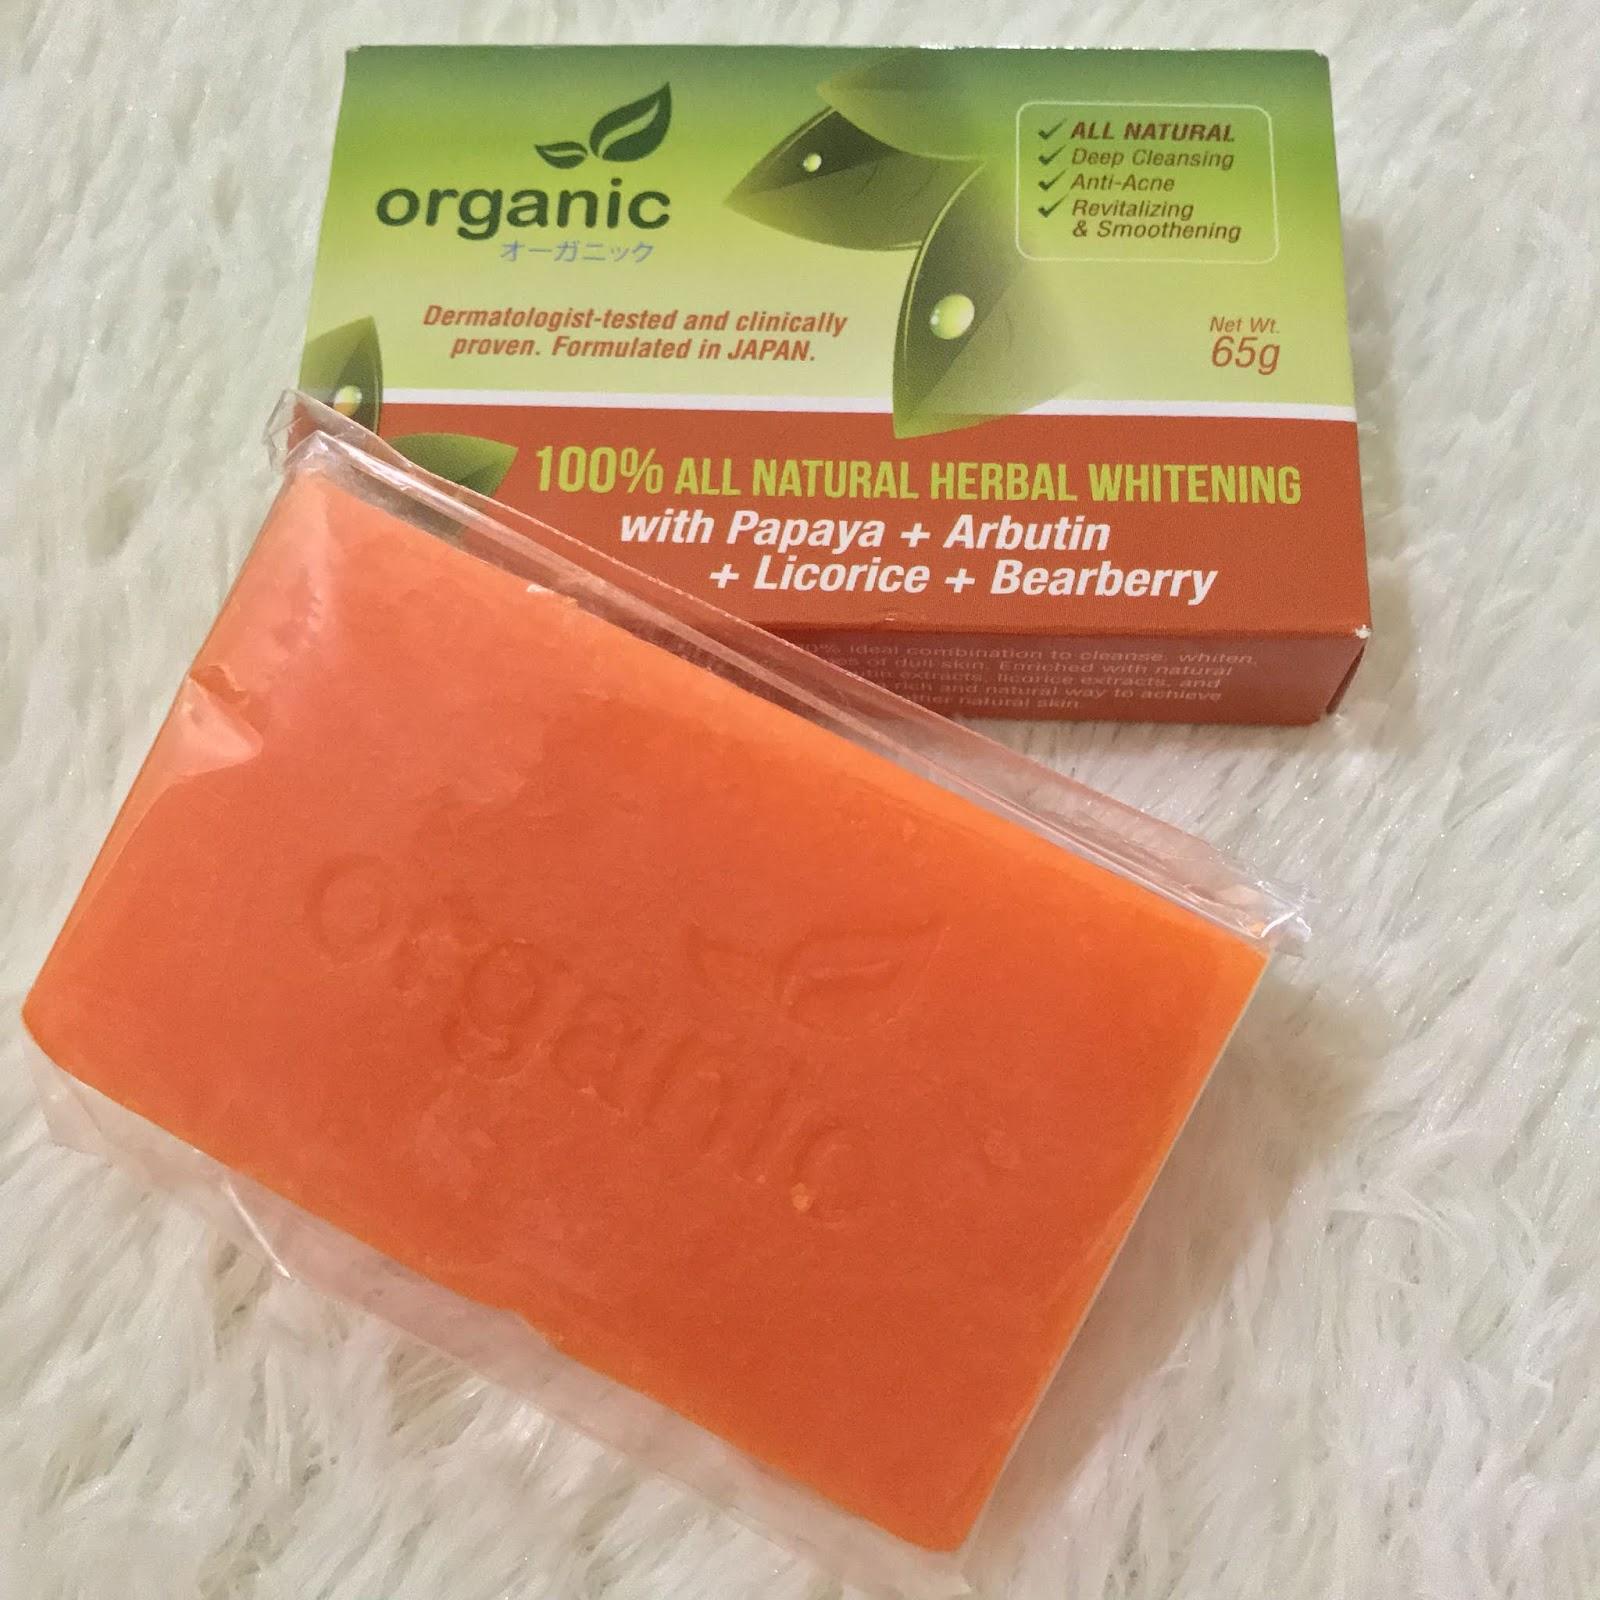 (REVIEW) Organic Skin Japan : 100% Herbal Whitening Soap